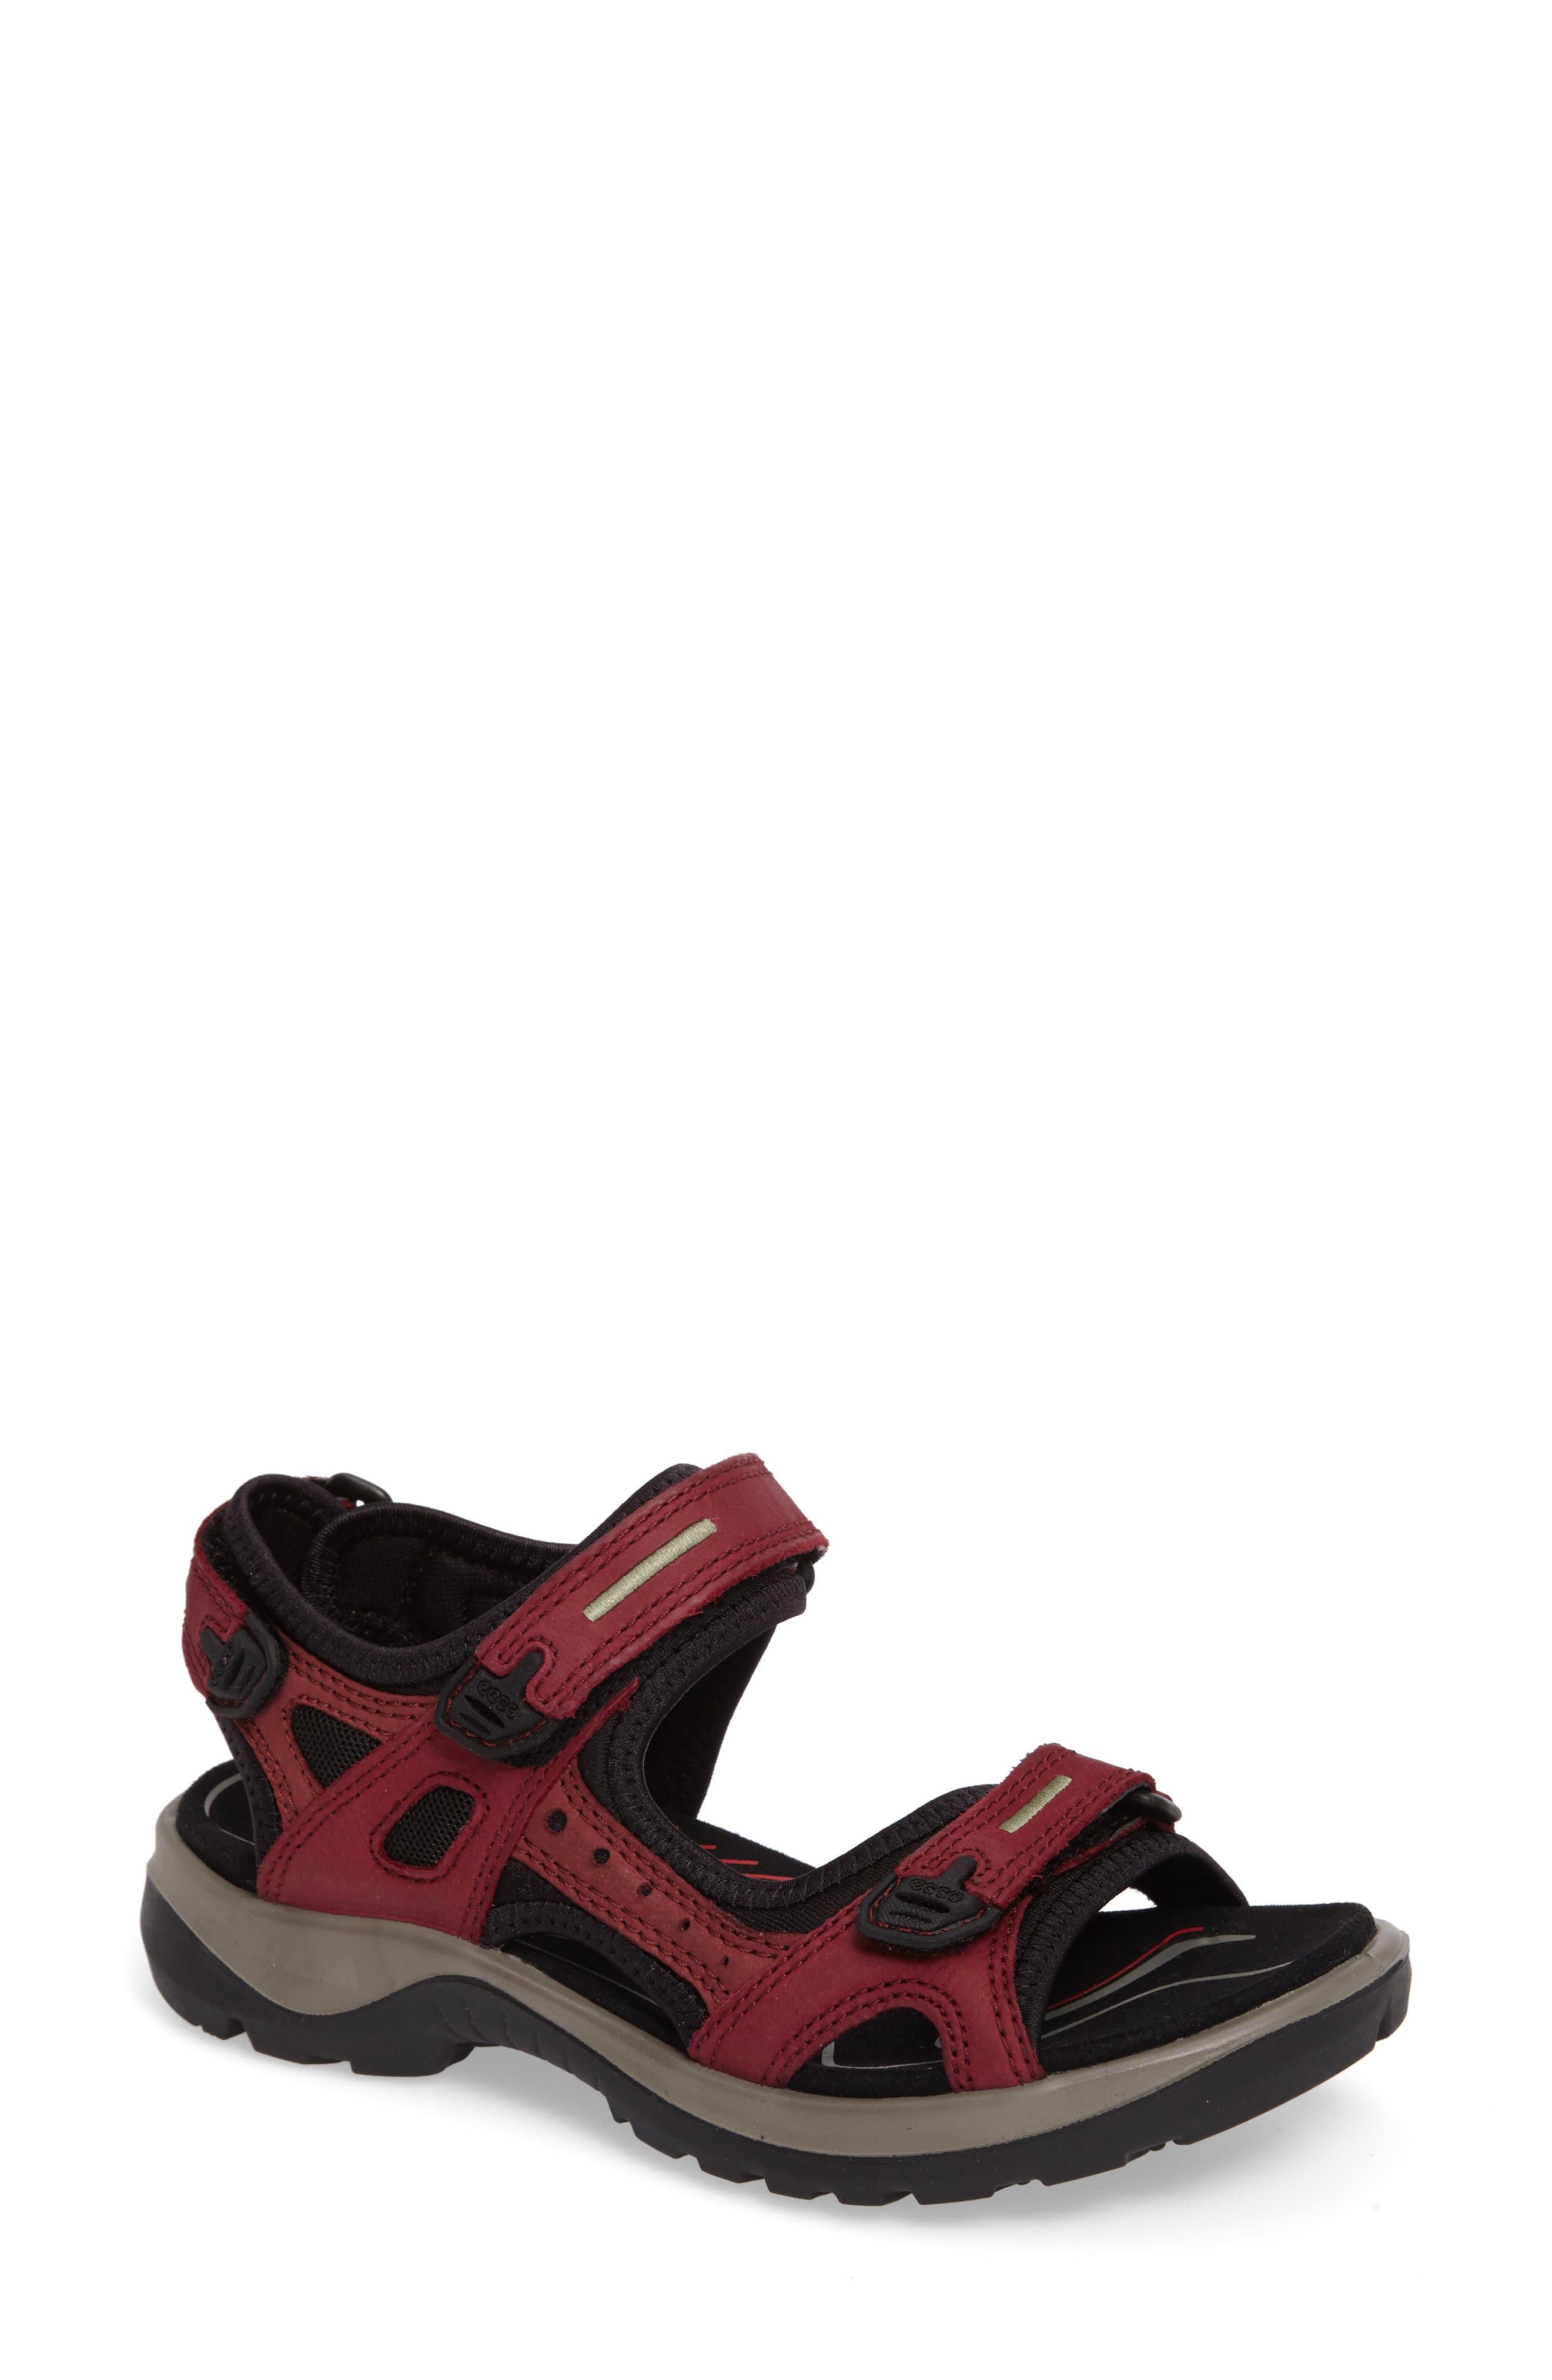 Alternate Image 1 Selected - ECCO Yucatan Sandal (Women)